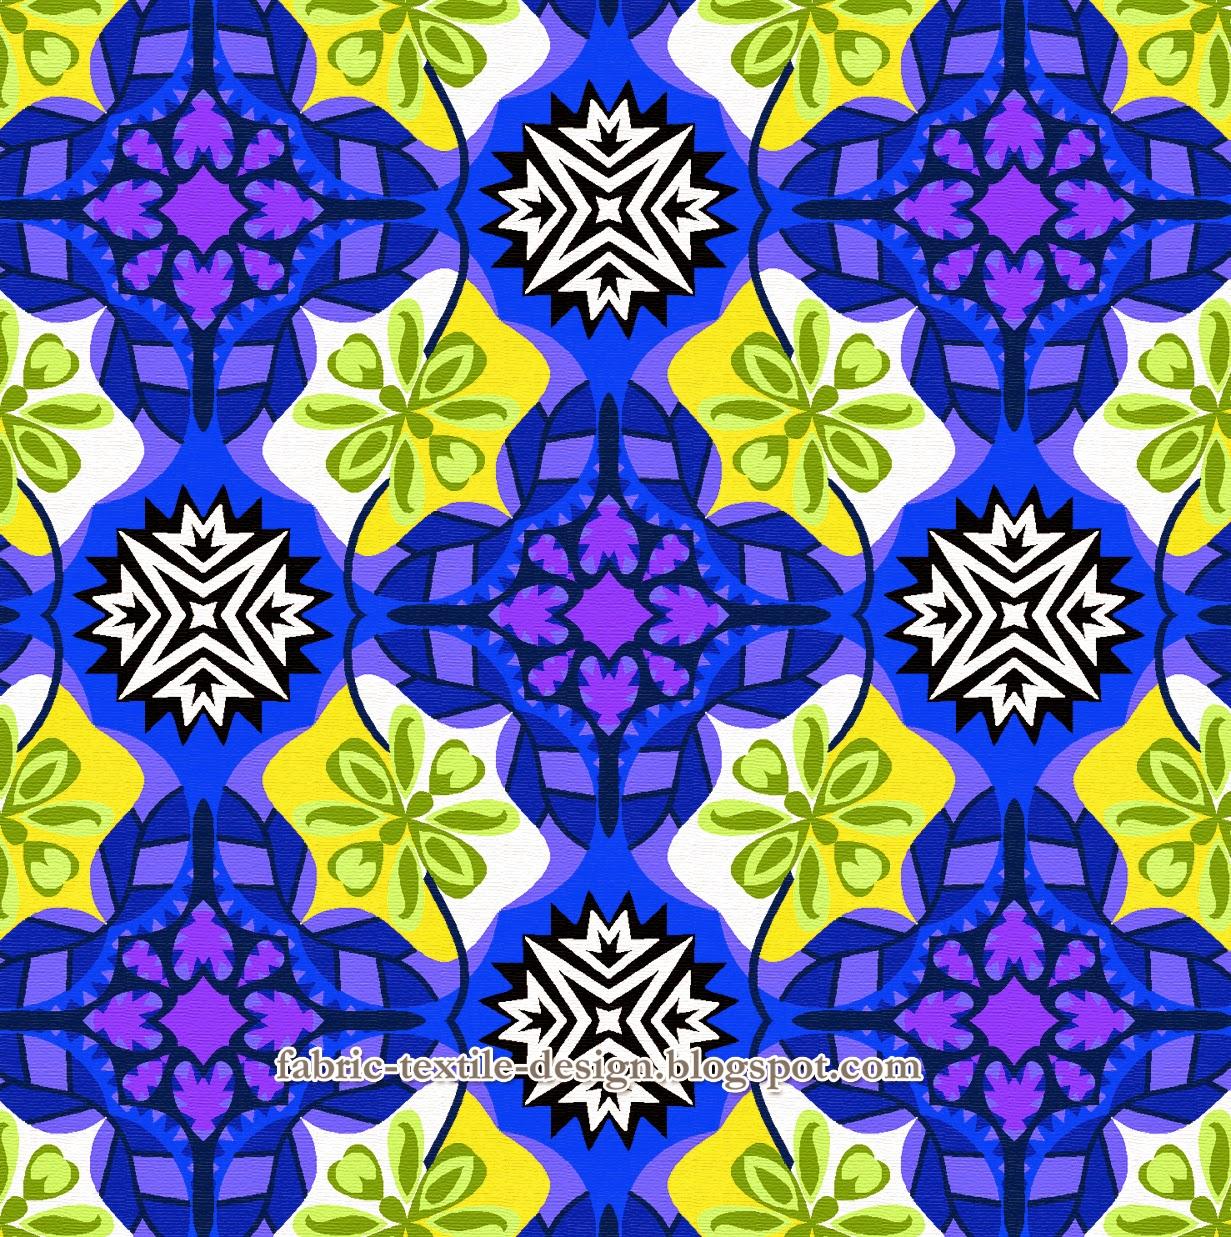 Textile designing in faisalabad fabrics designs in for Textile fabrics